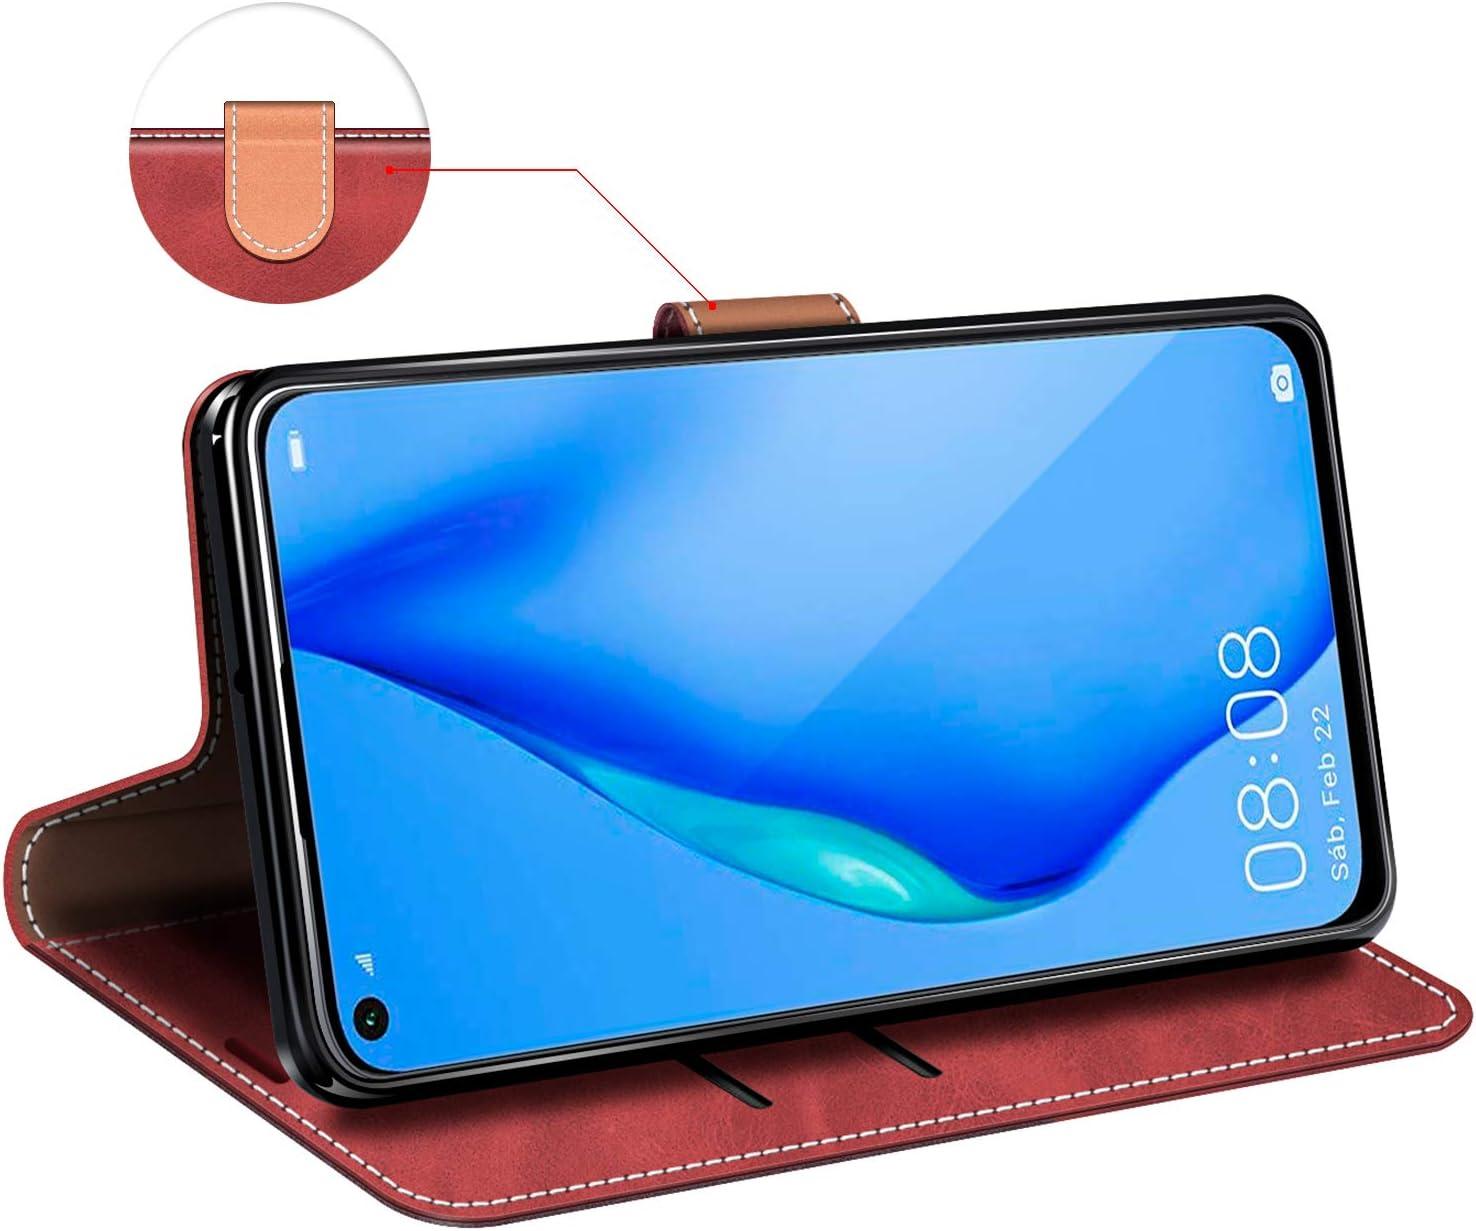 Funda Libro Huawei P40 Funda M/óvil Huawei P40 Magn/ético Carcasa para Huawei P40 Funda con Tapa MOBESV Funda para Huawei P40 Rojo